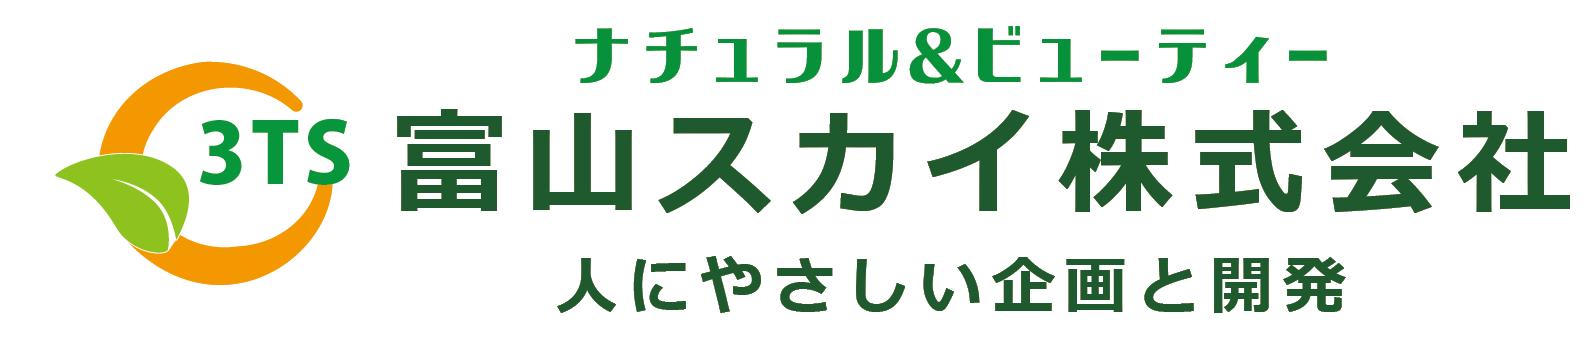 富山スカイ株式会社 ナチュラル&ビューティー